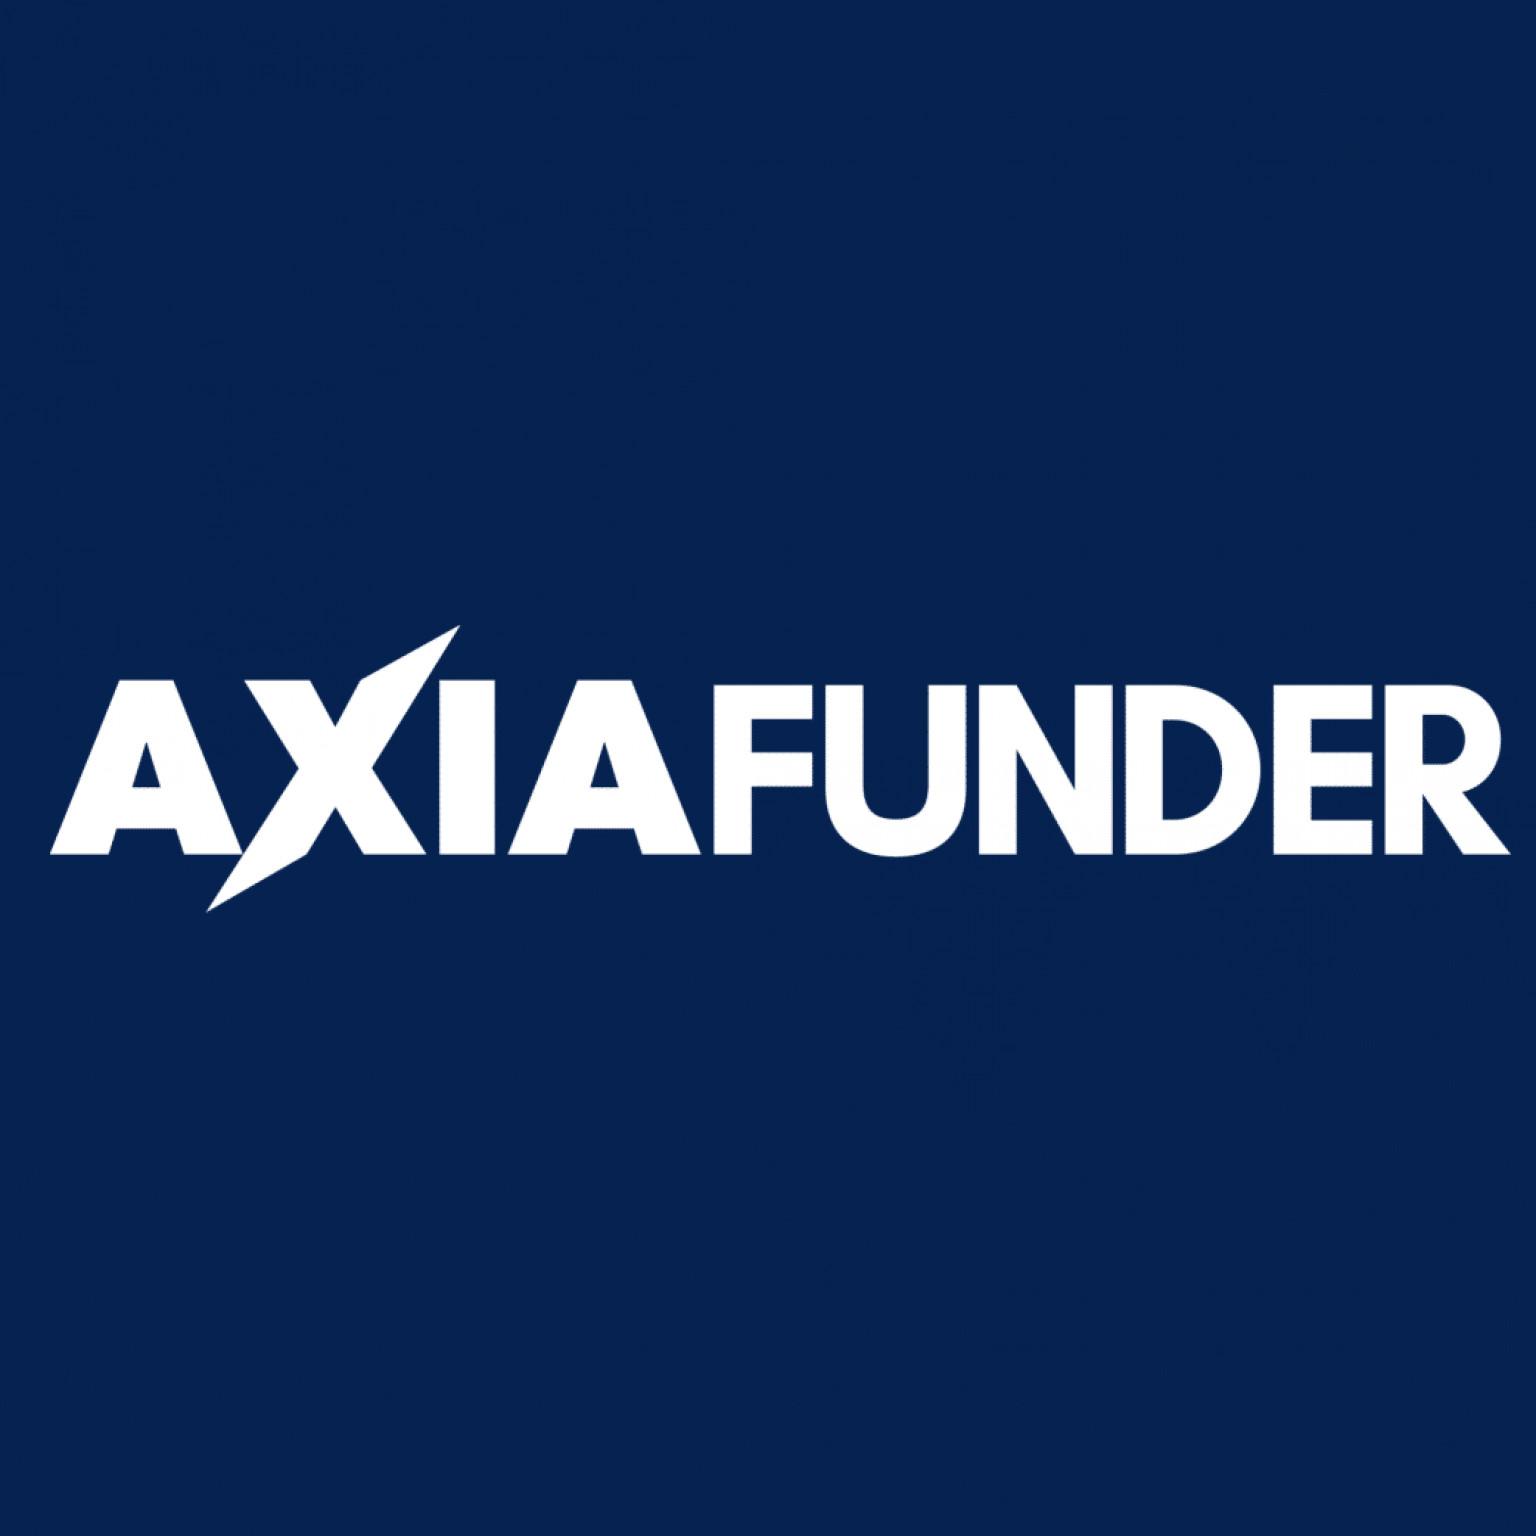 Logo of litigation financing platform Axiafunder